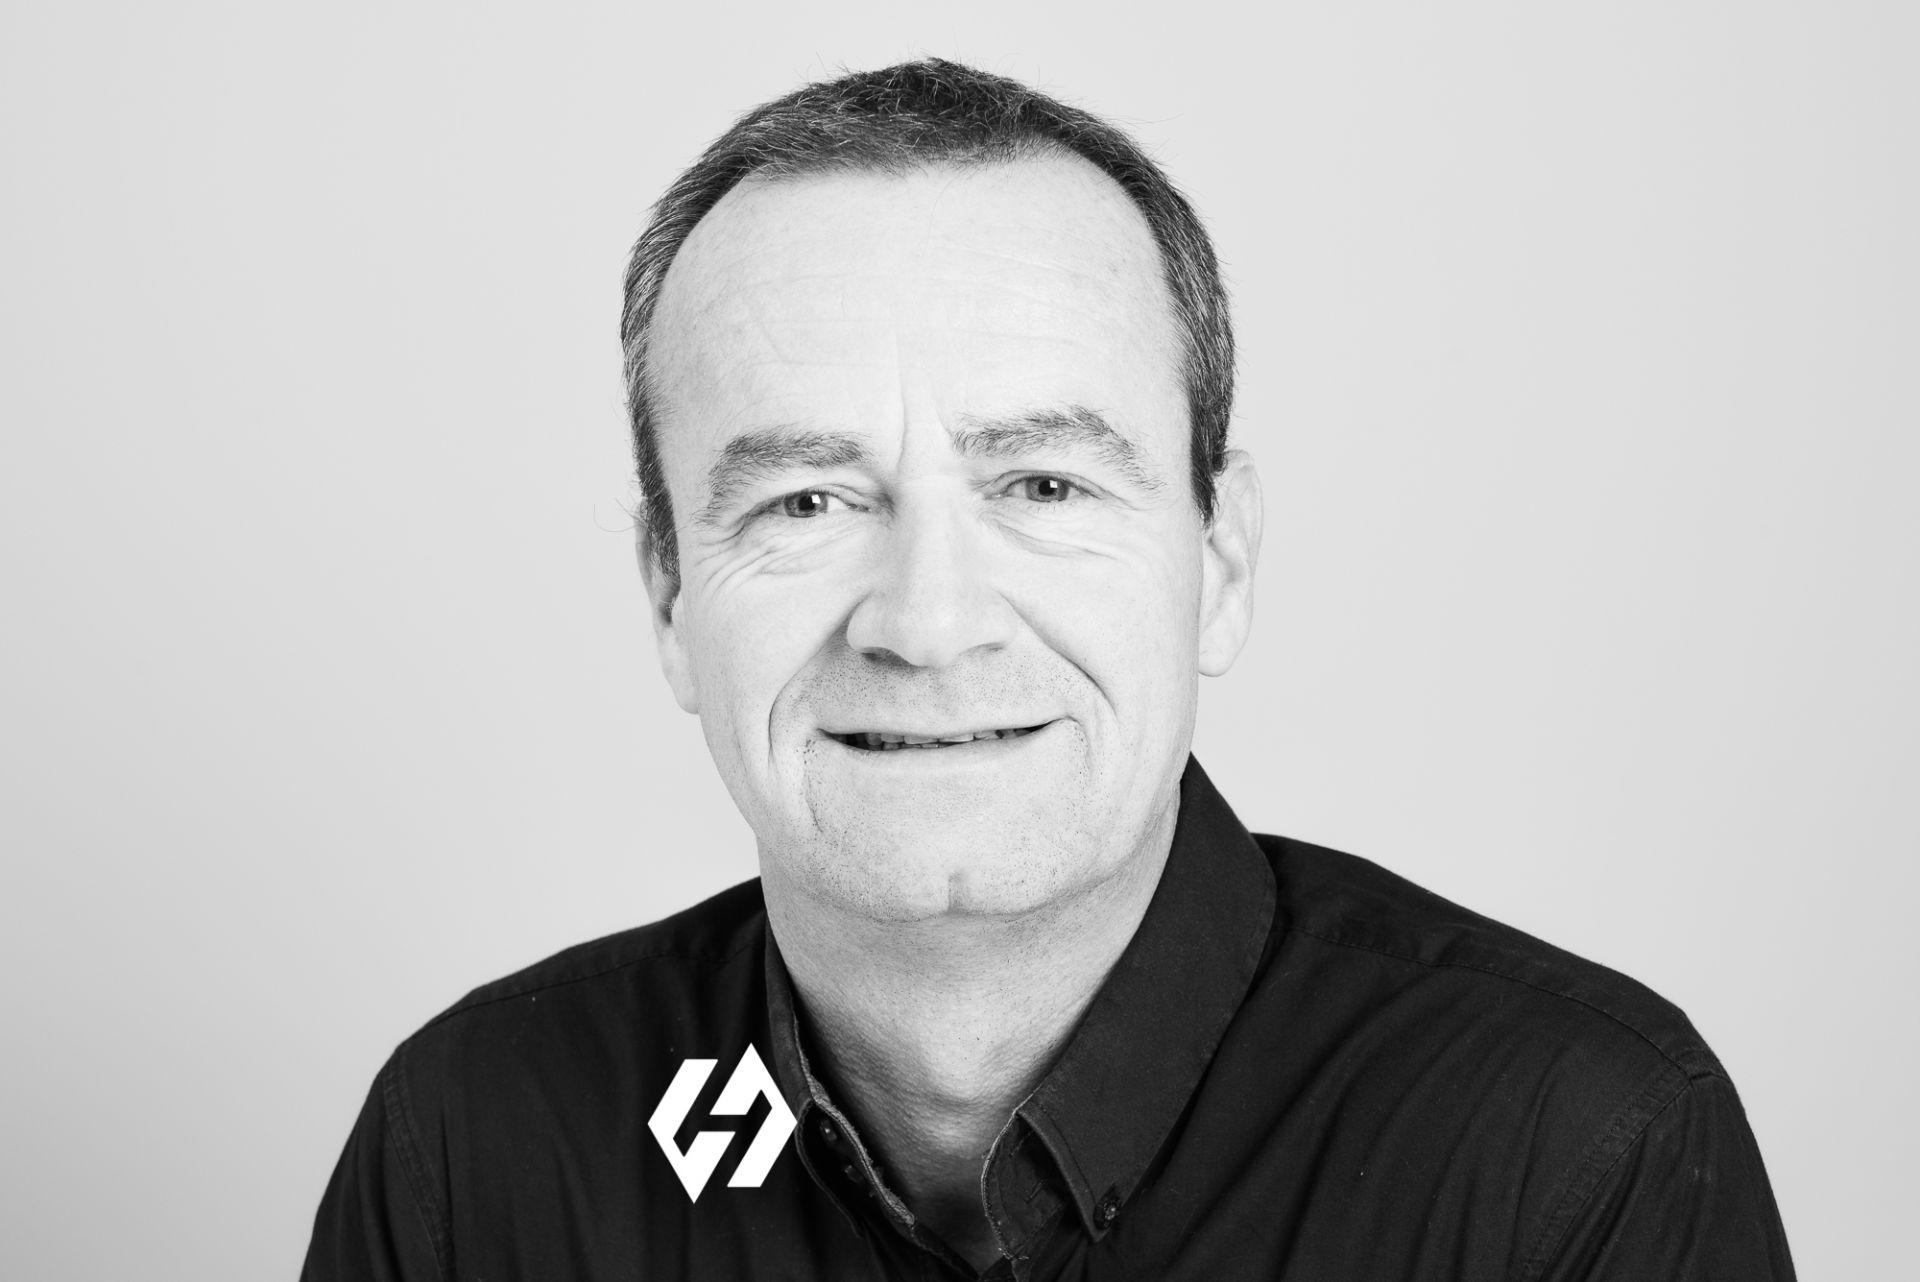 Emiel Bongers